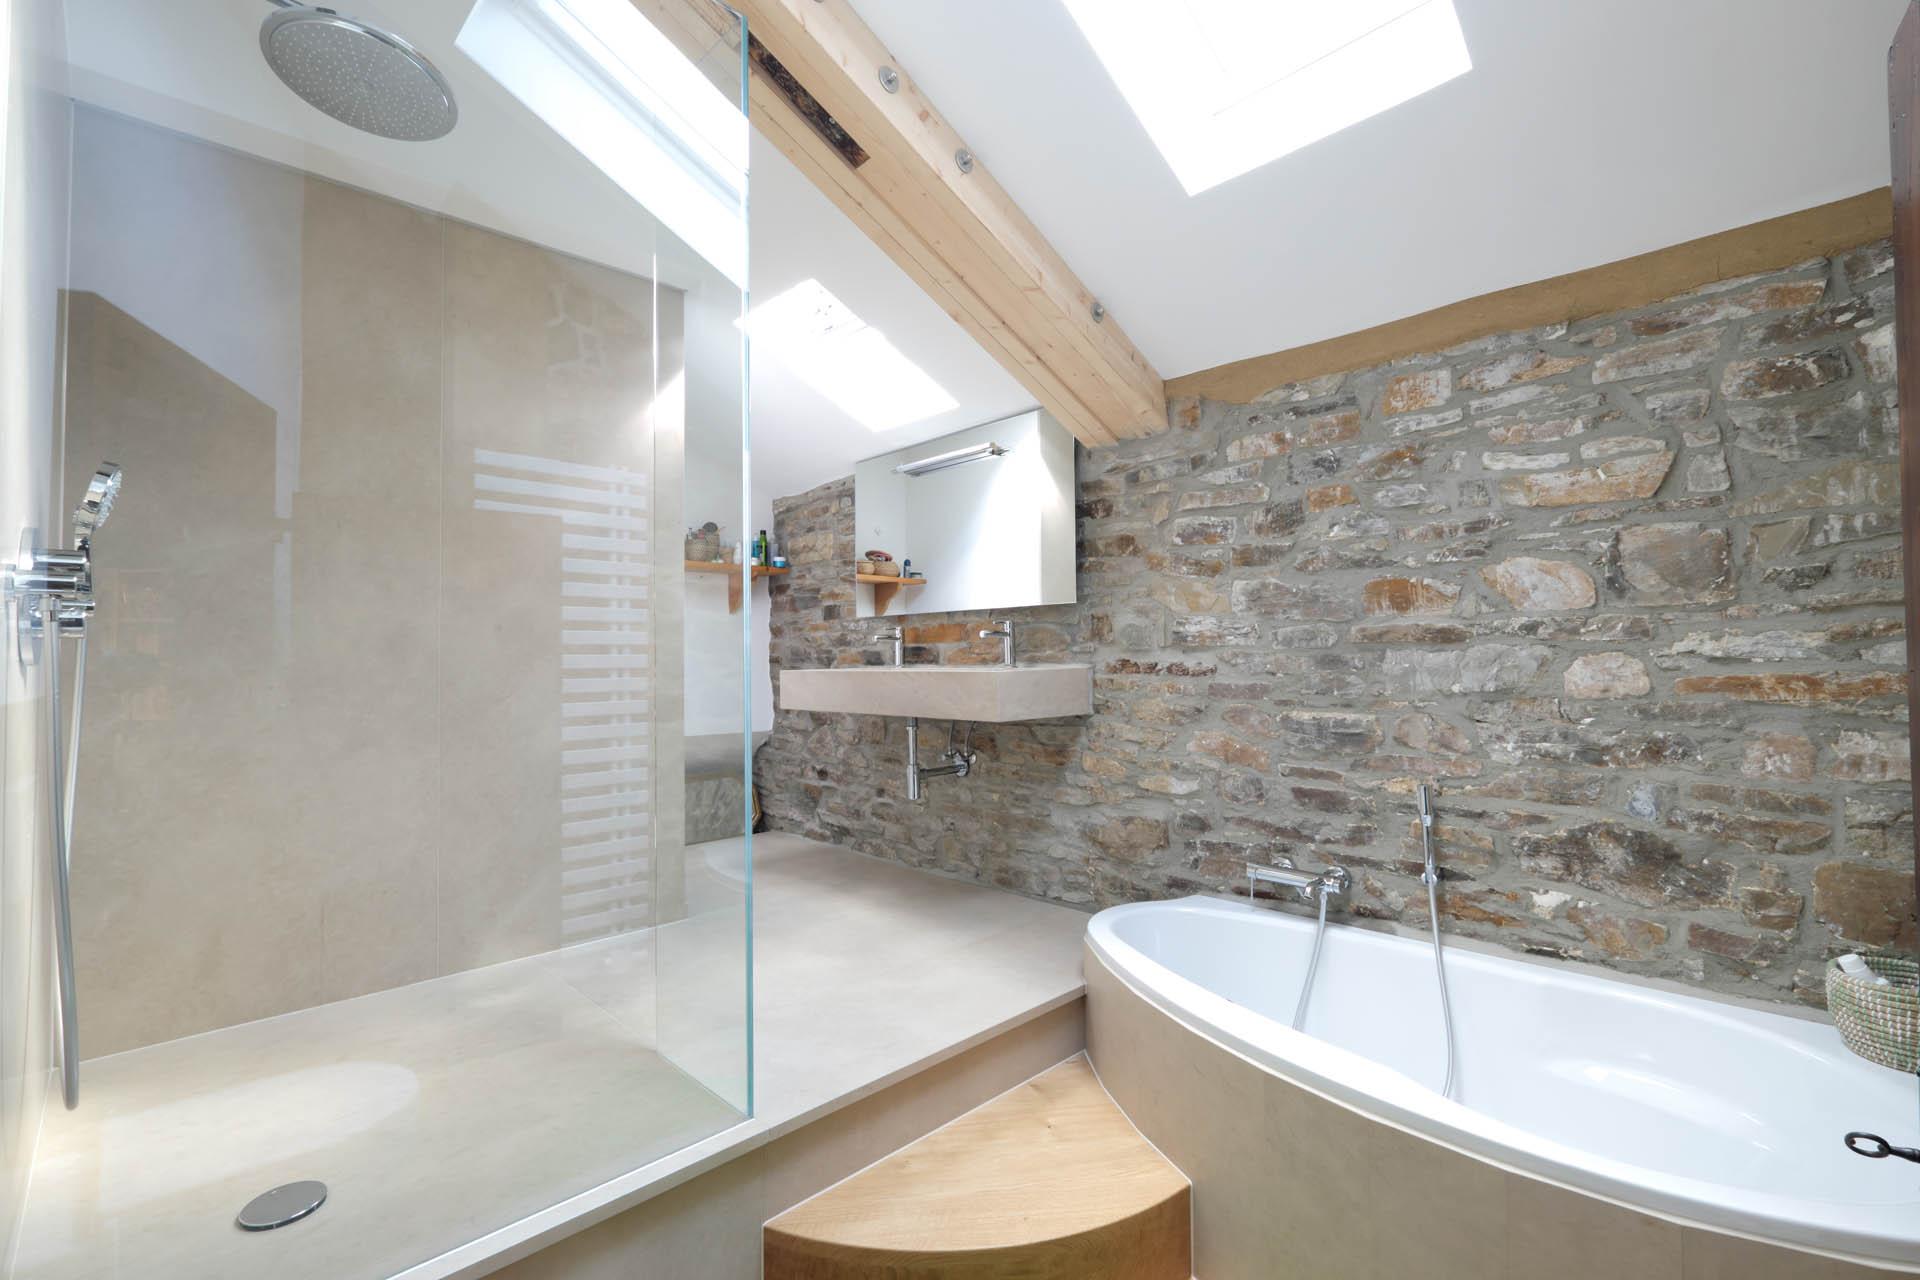 Baddesign fürs Landhaus vom Bäderbauer